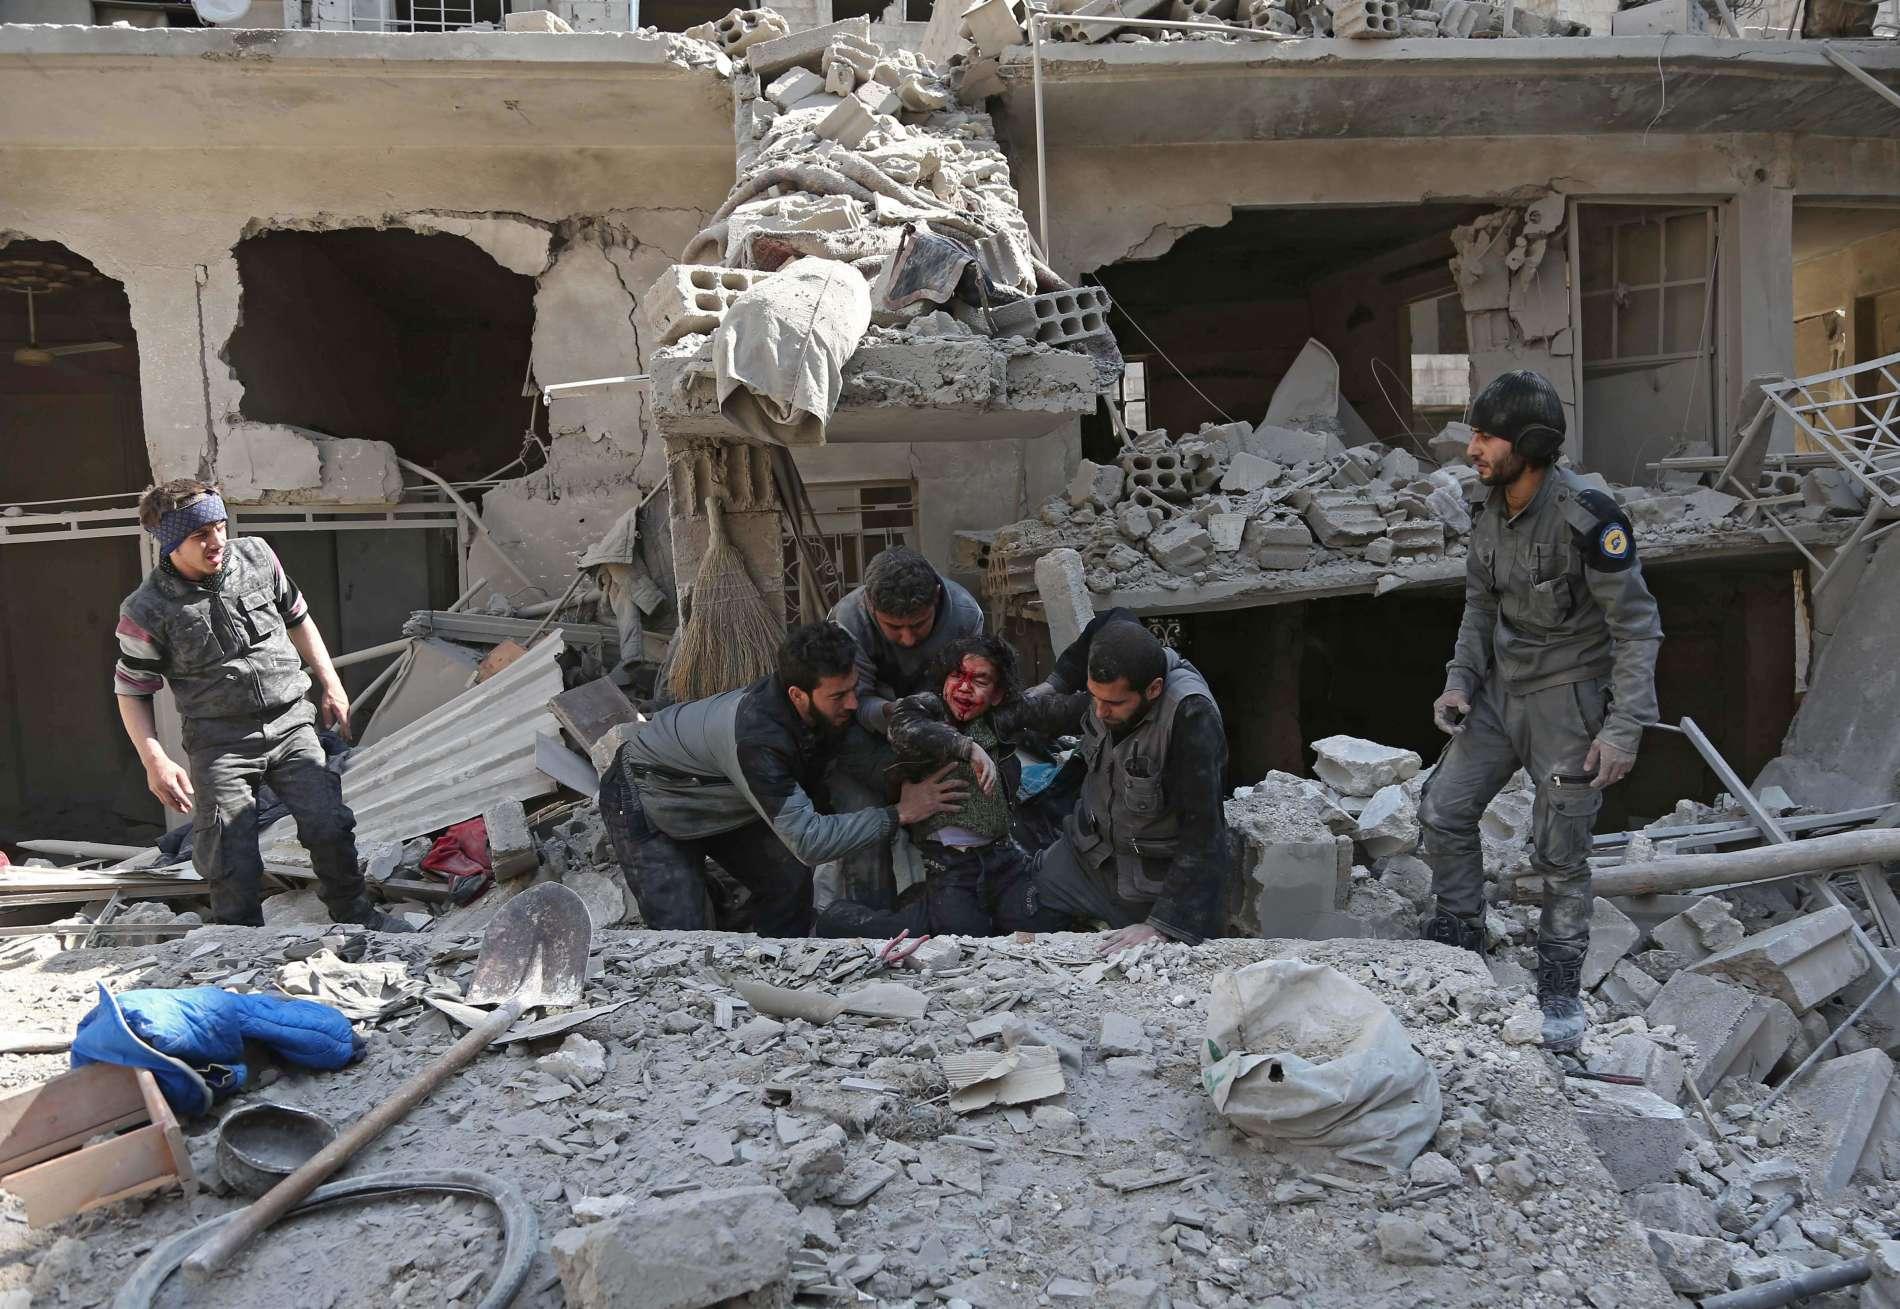 Syrischer Horror ohne Ende: Ein verletztes Kind wird nach einem Bombenangriff in der Region Ghouta aus den Trümmern geborgen.